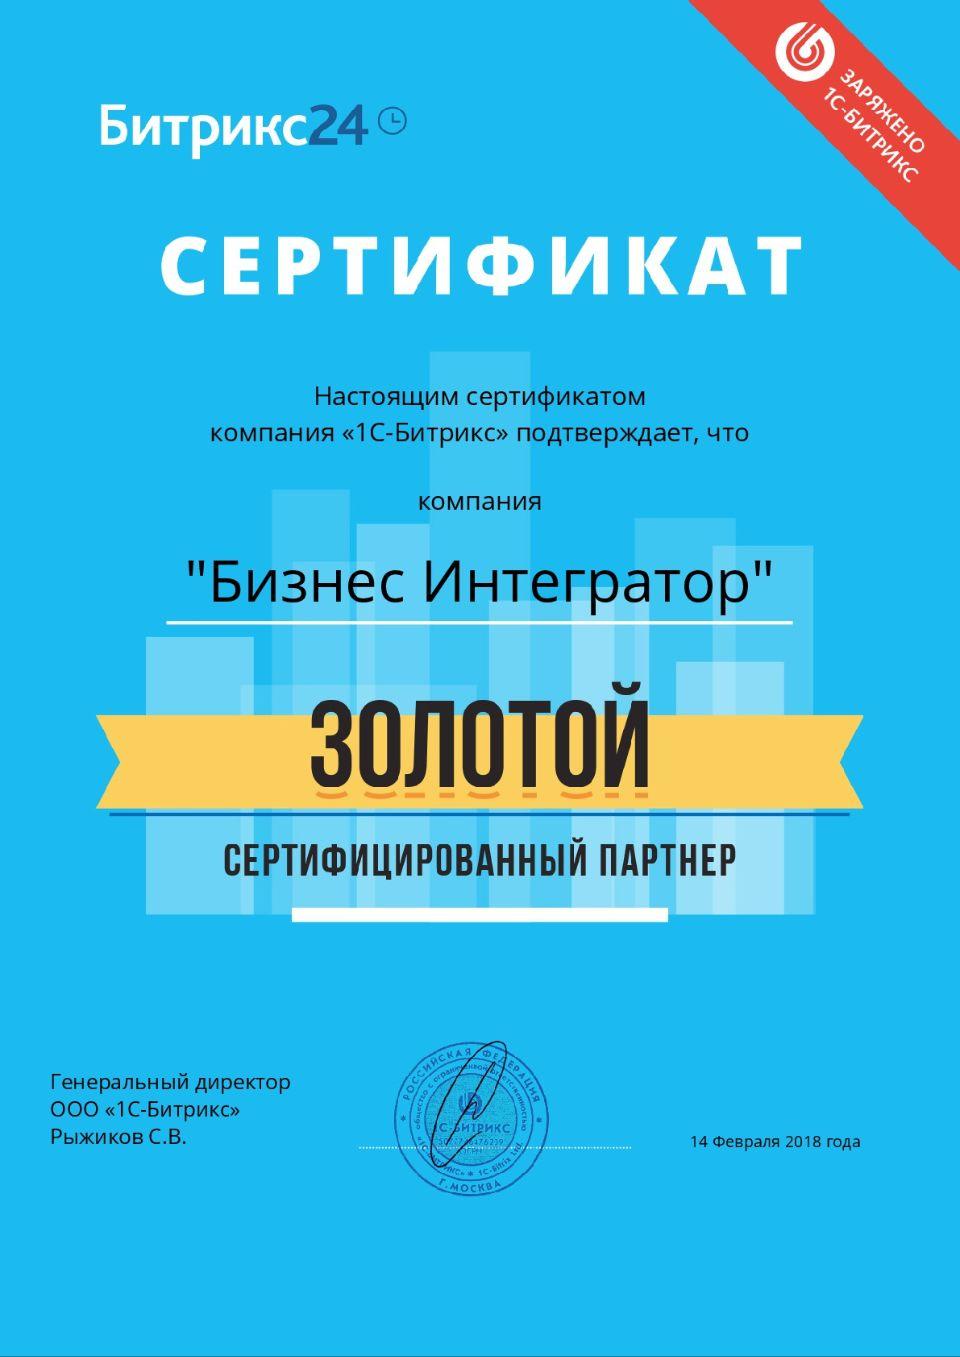 """Сертификат Битрикс24 """"Золотой Партнер"""""""